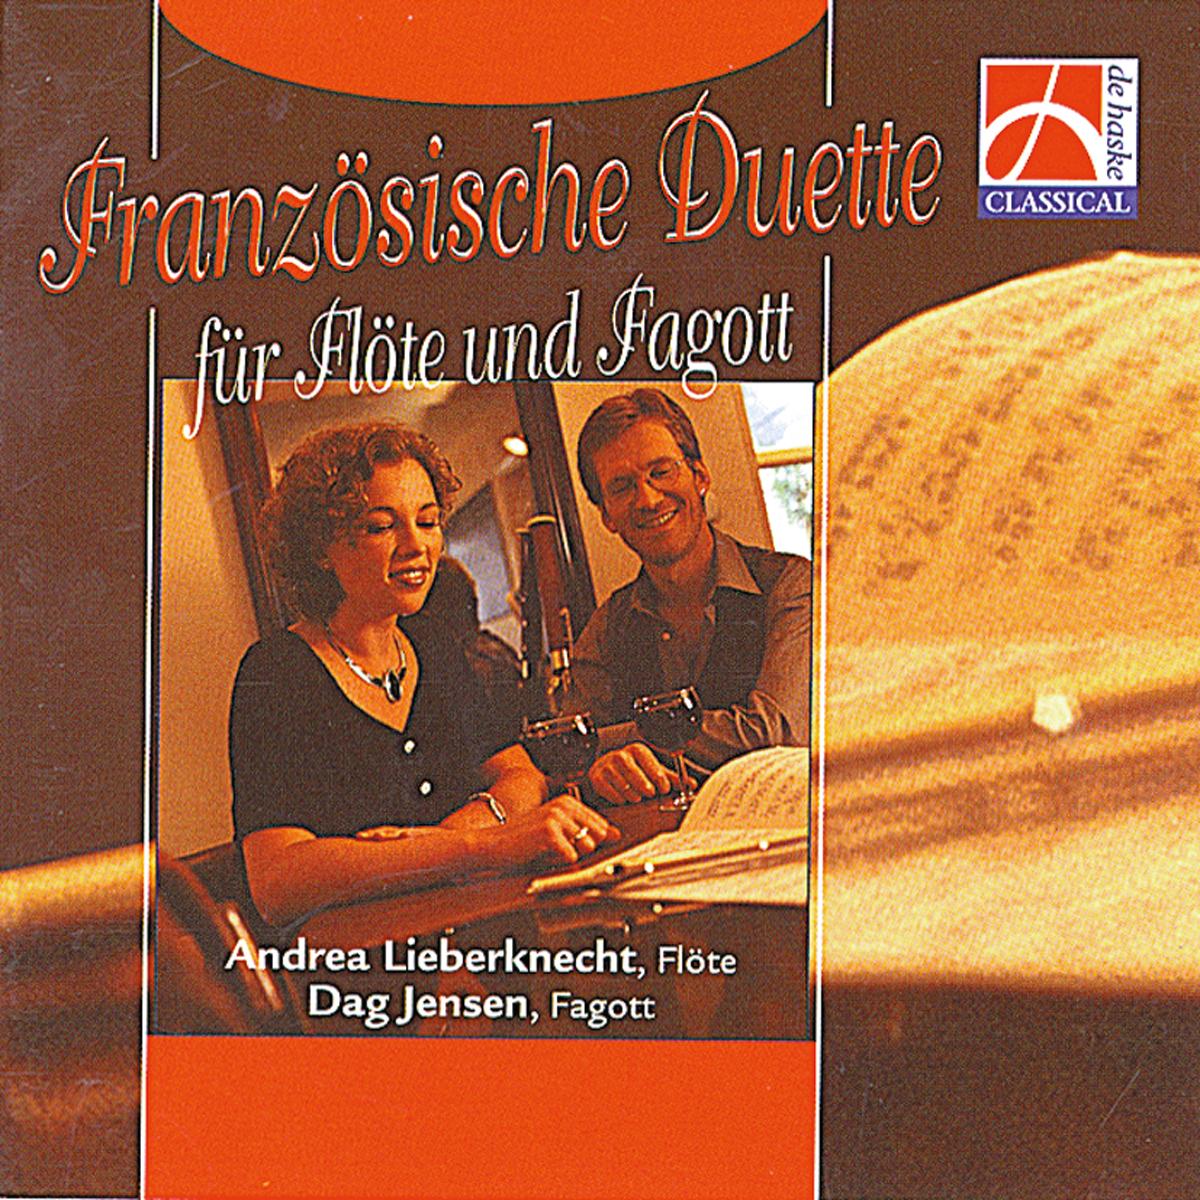 Andrea Lieberknecht-Jensen Dag Jensen: Französische Duette: Concert Band: CD